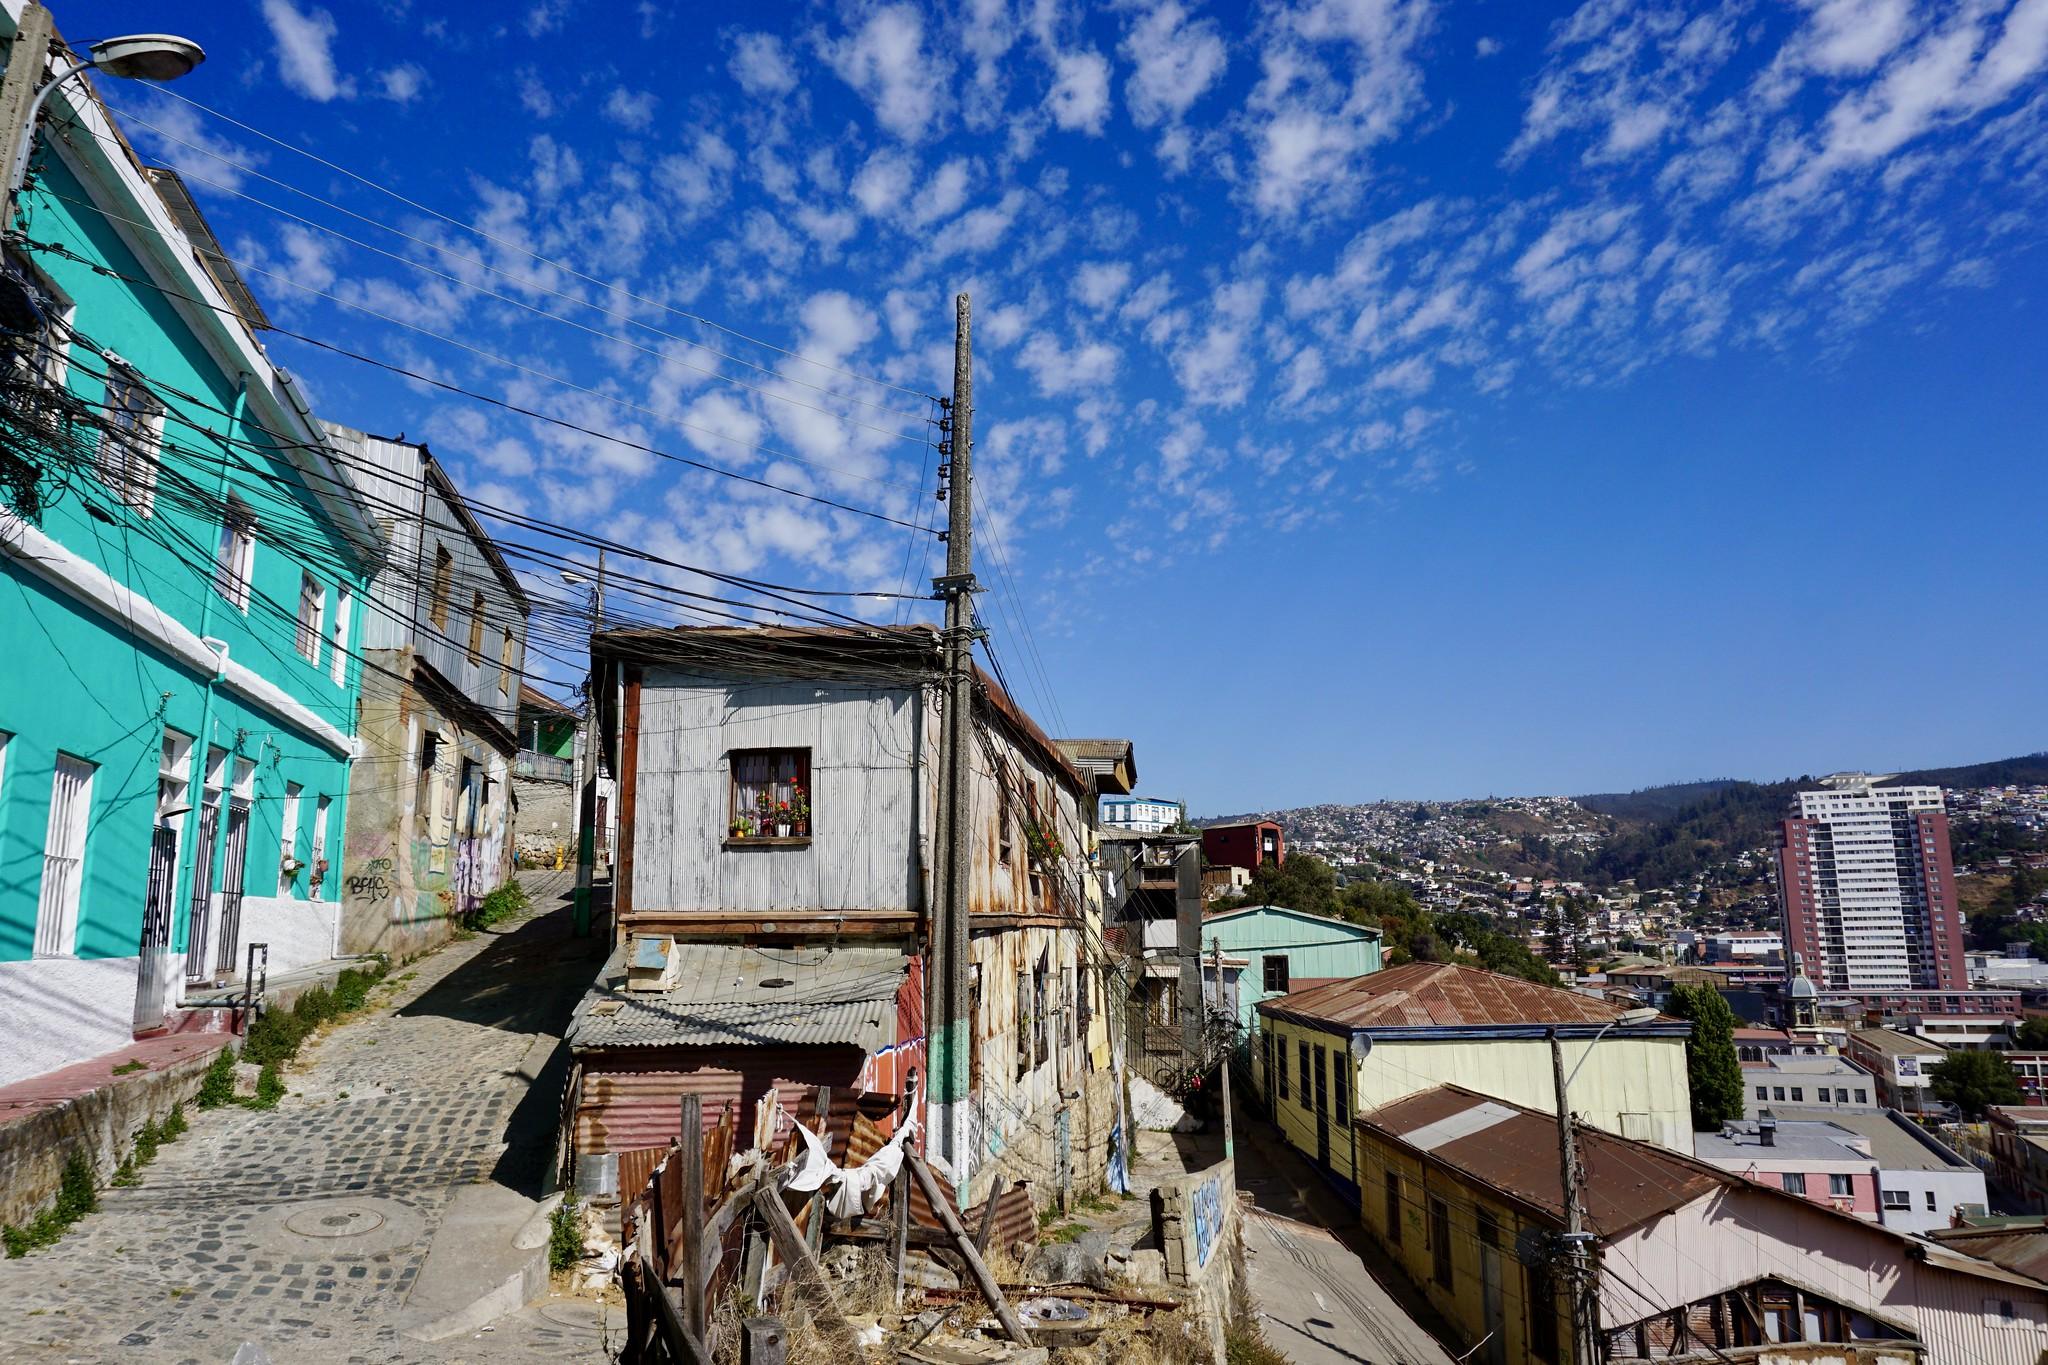 Cerro Lecheros